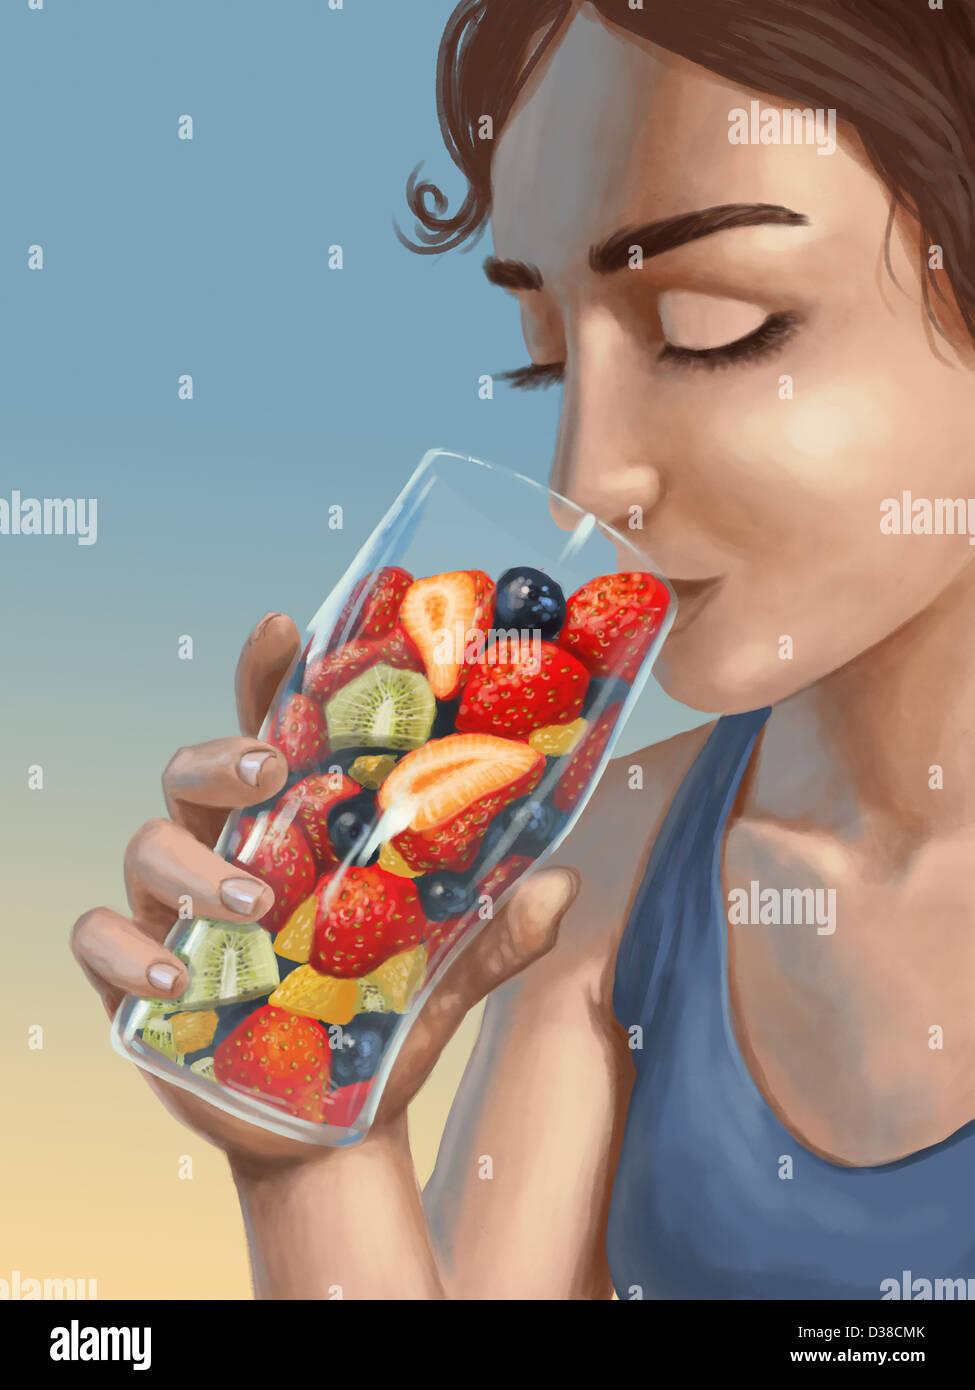 Imagen ilustrativa de la mujer sosteniendo un vaso lleno de frutos frescos que representan un estilo de vida saludable Imagen De Stock